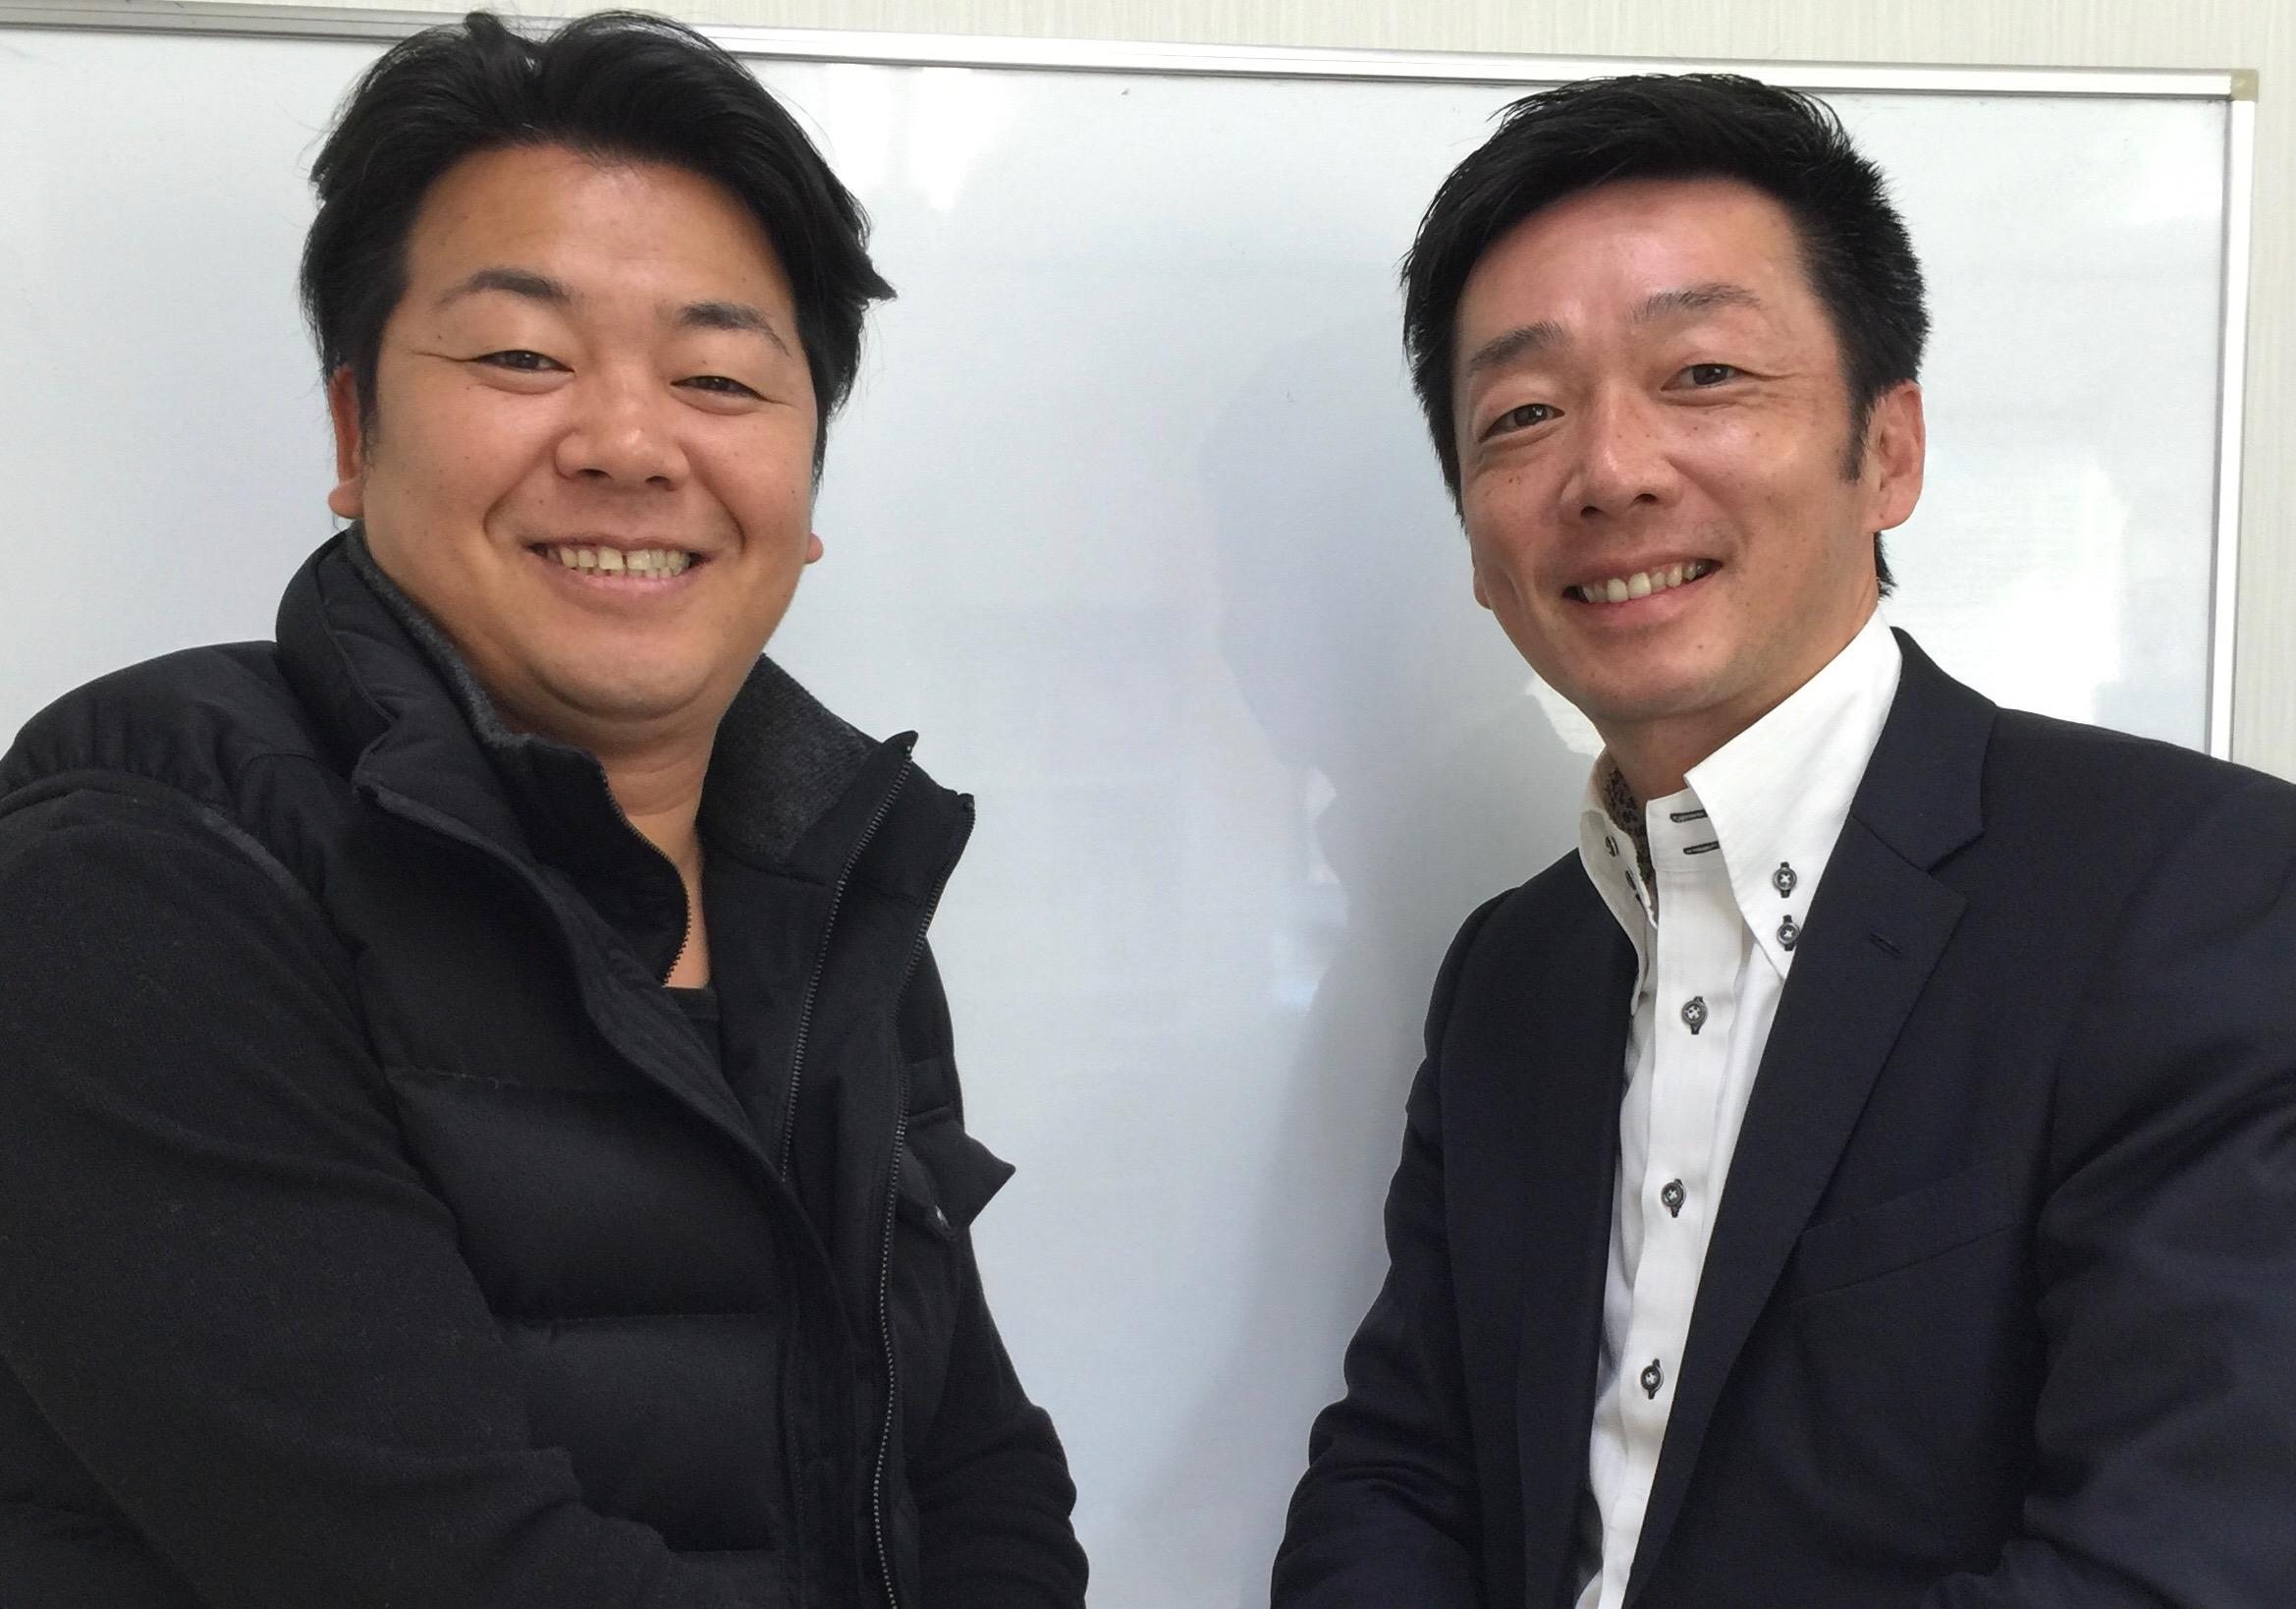 この人に会いたい!株式会社ありがとう代表黒柳誠さん!